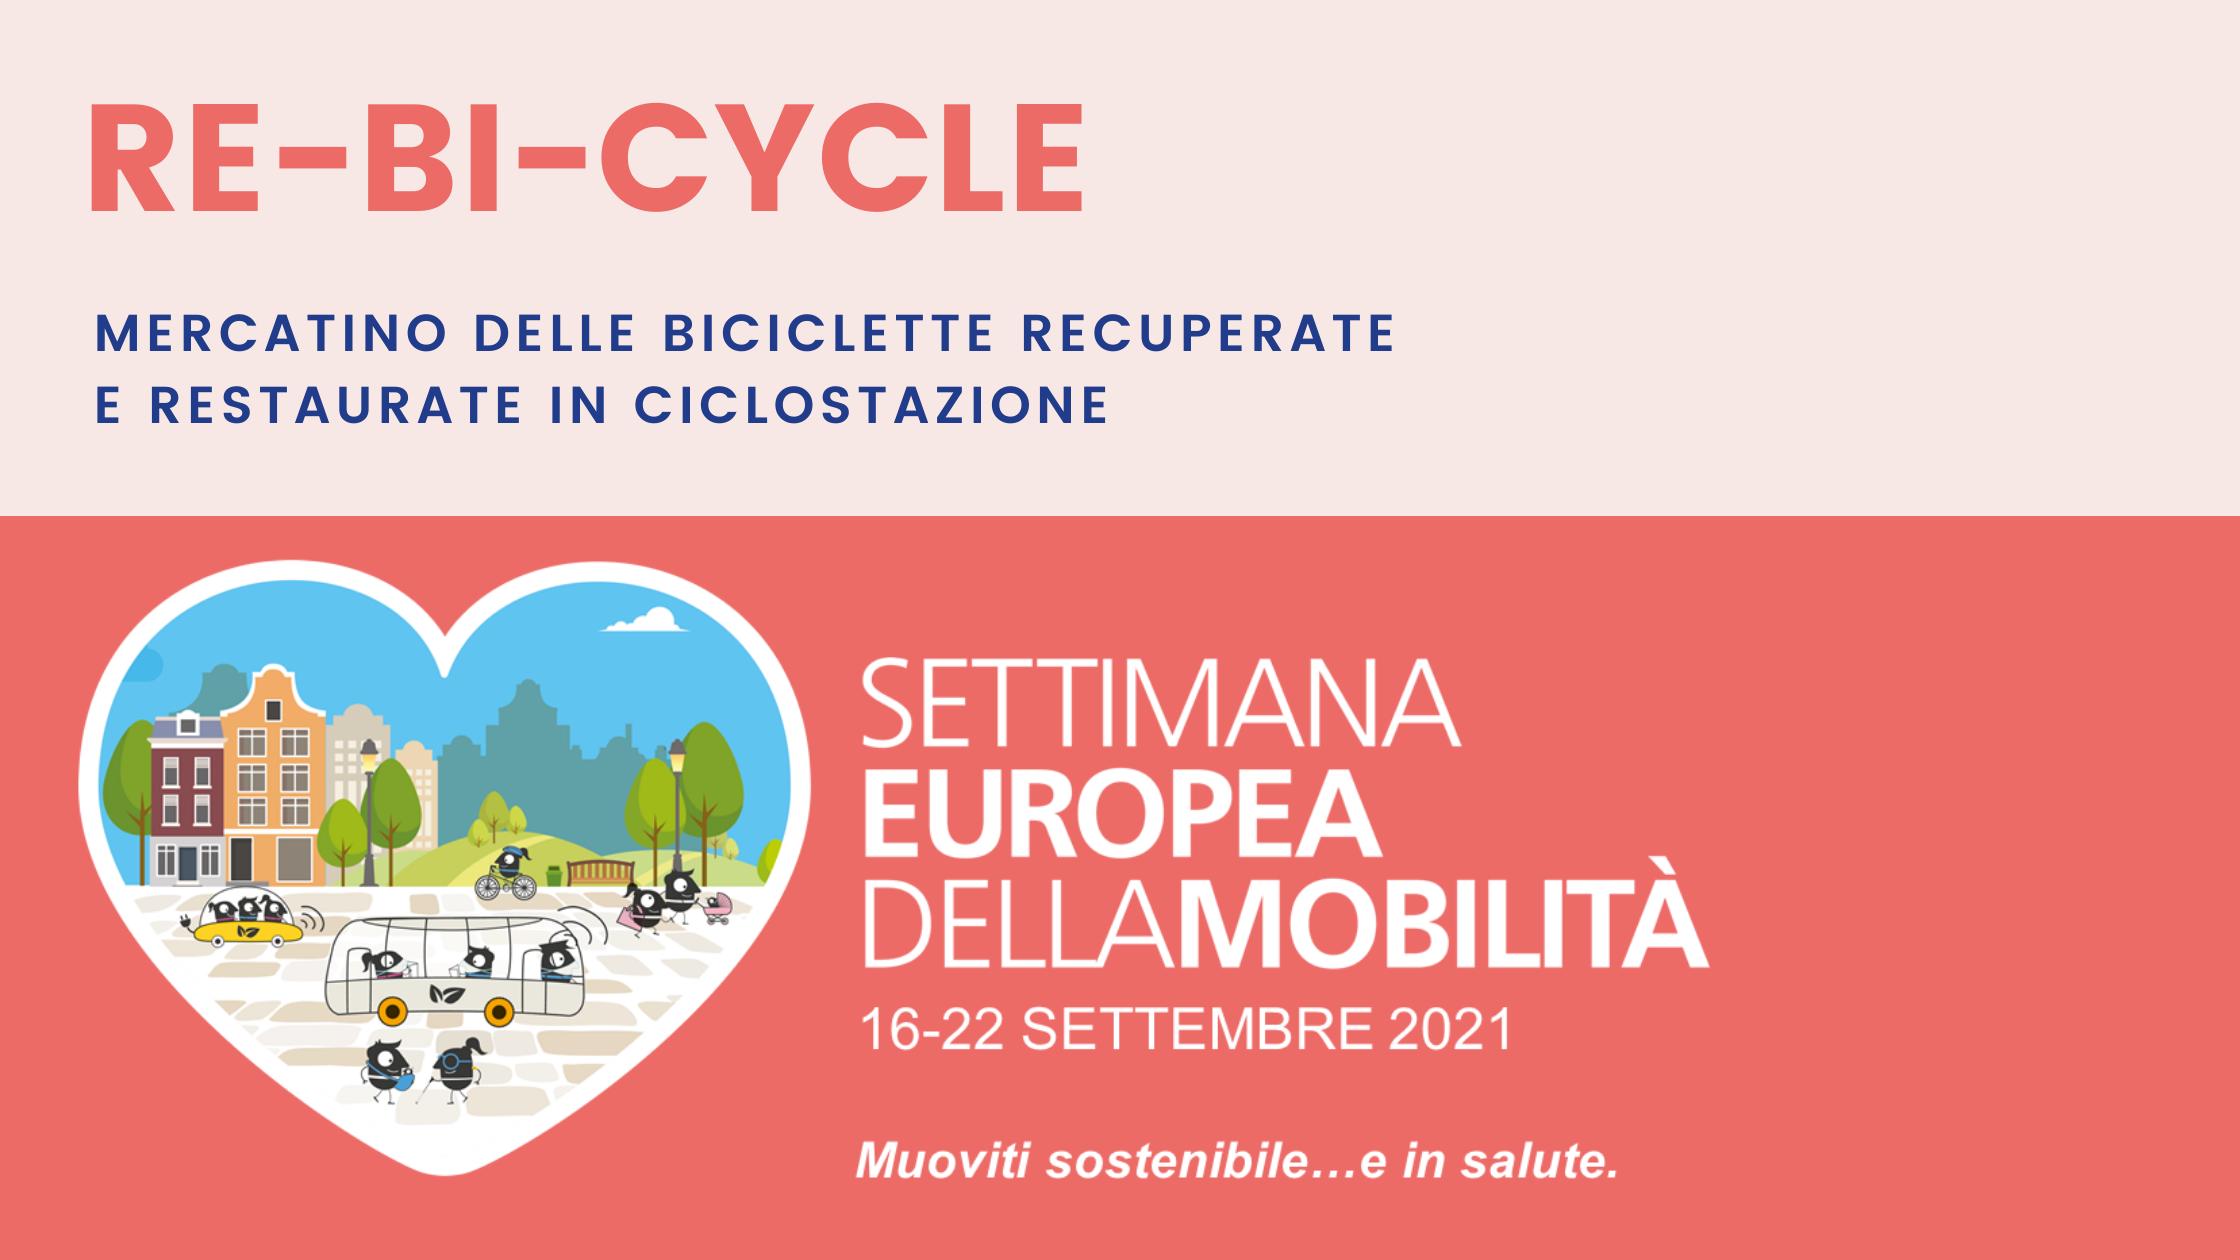 RE-BI-CYCLE: il mercatino delle bici restaurate e recuperate